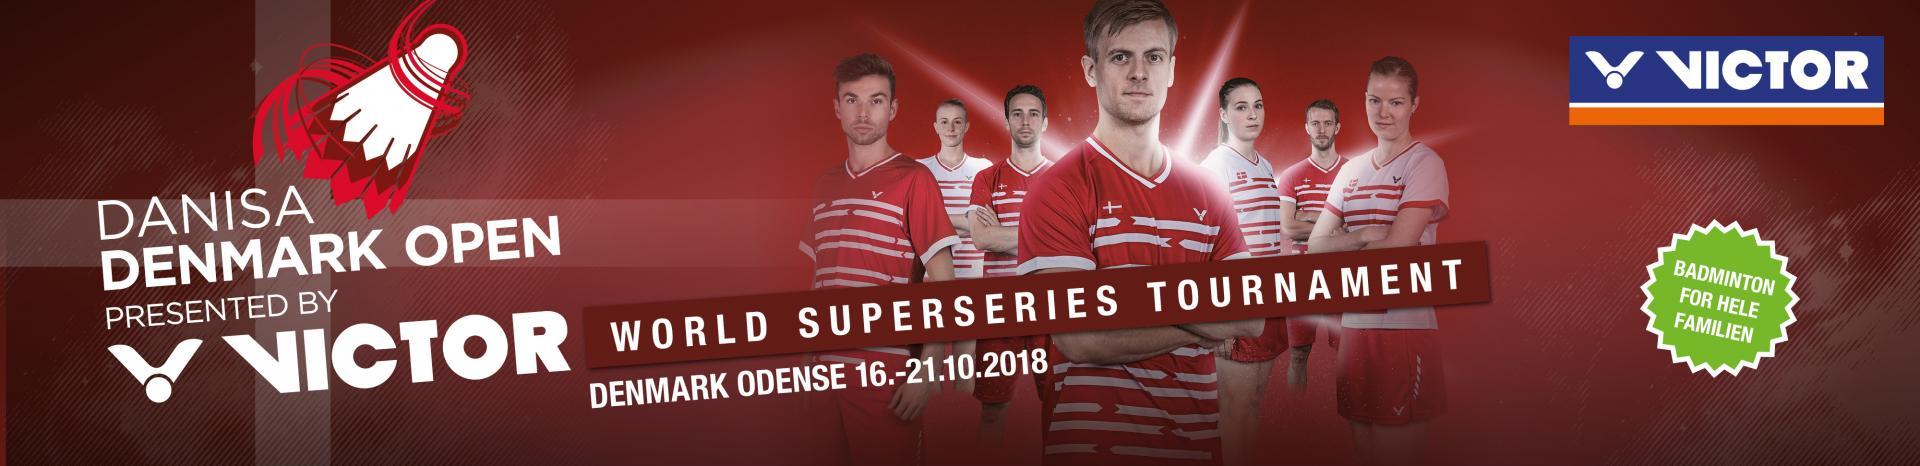 Denmark Open 2018